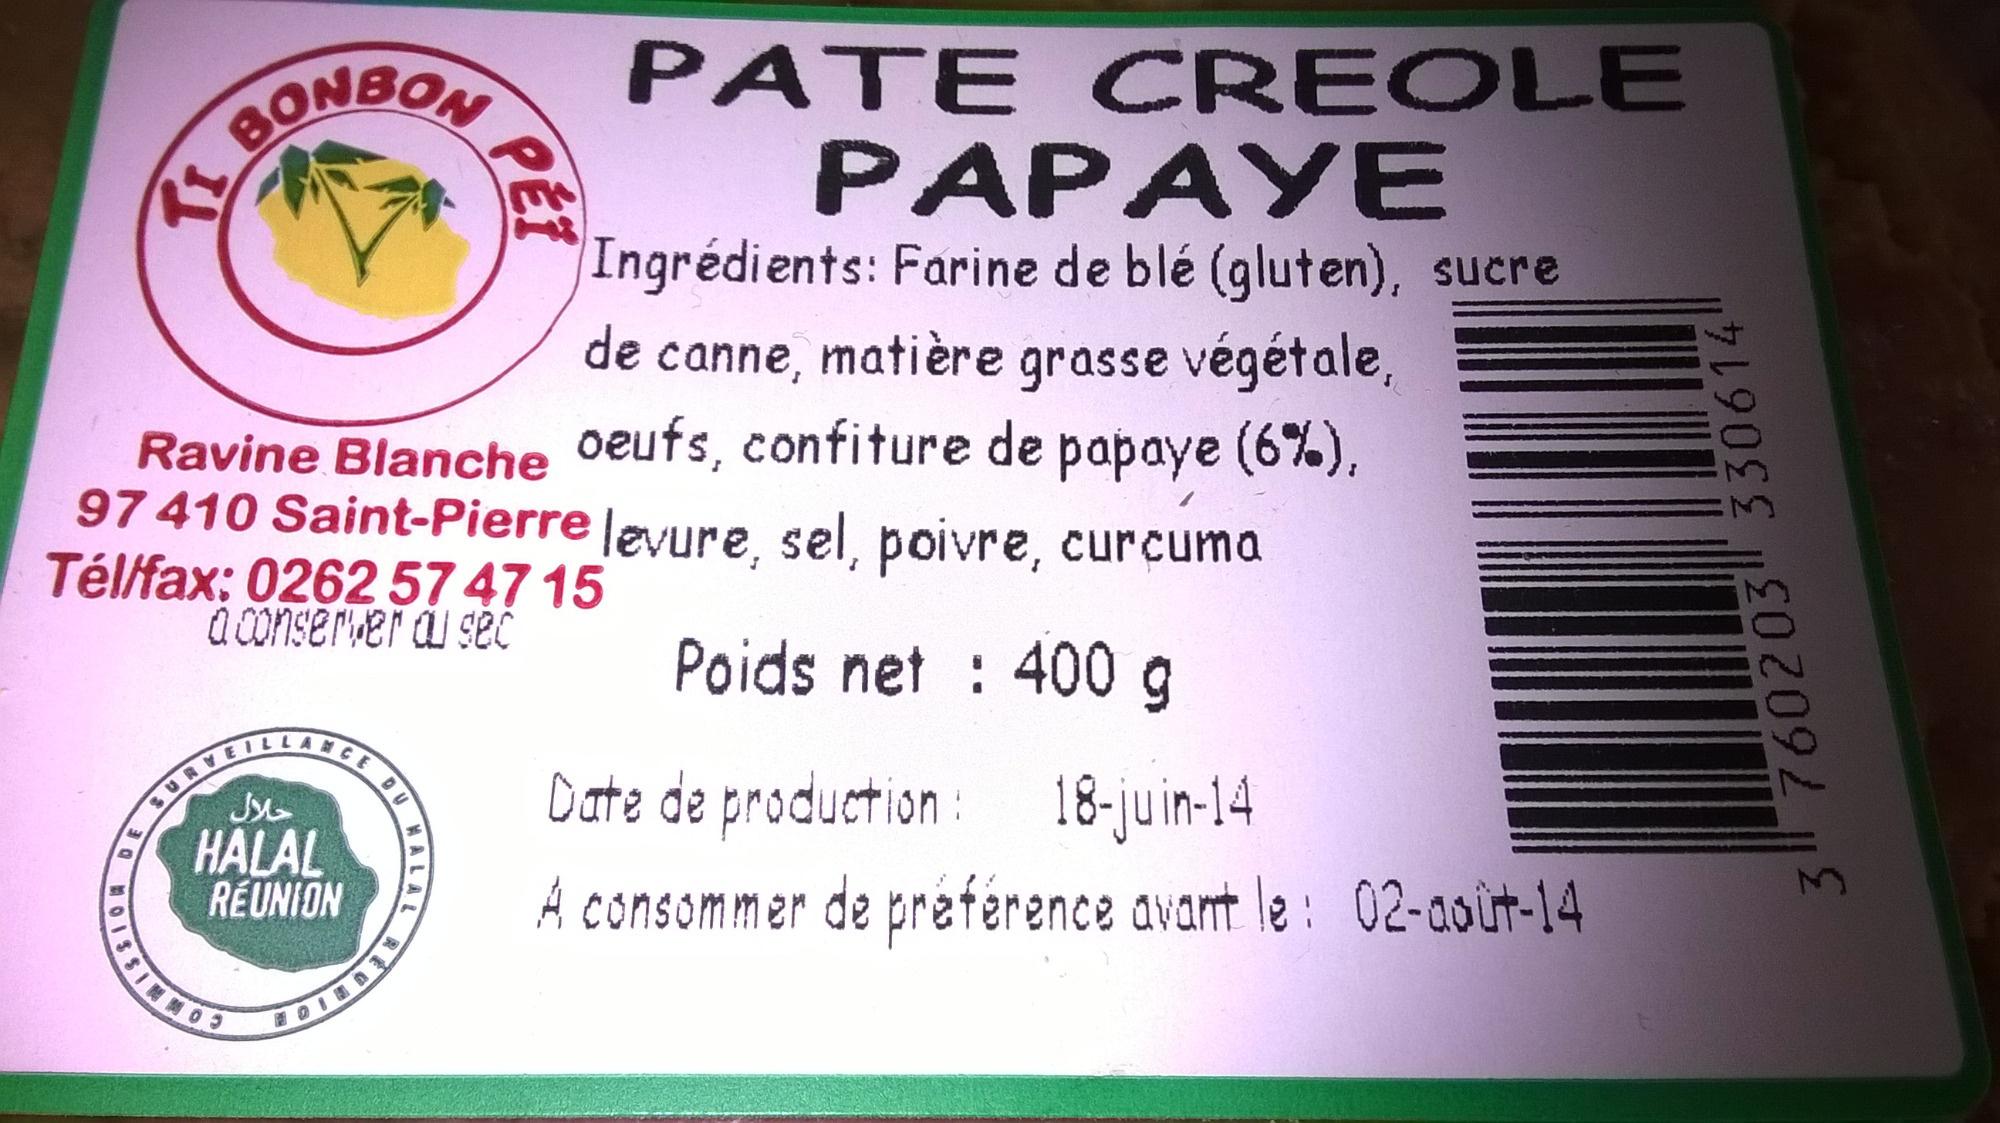 Pâté créole papaye - Ingredients